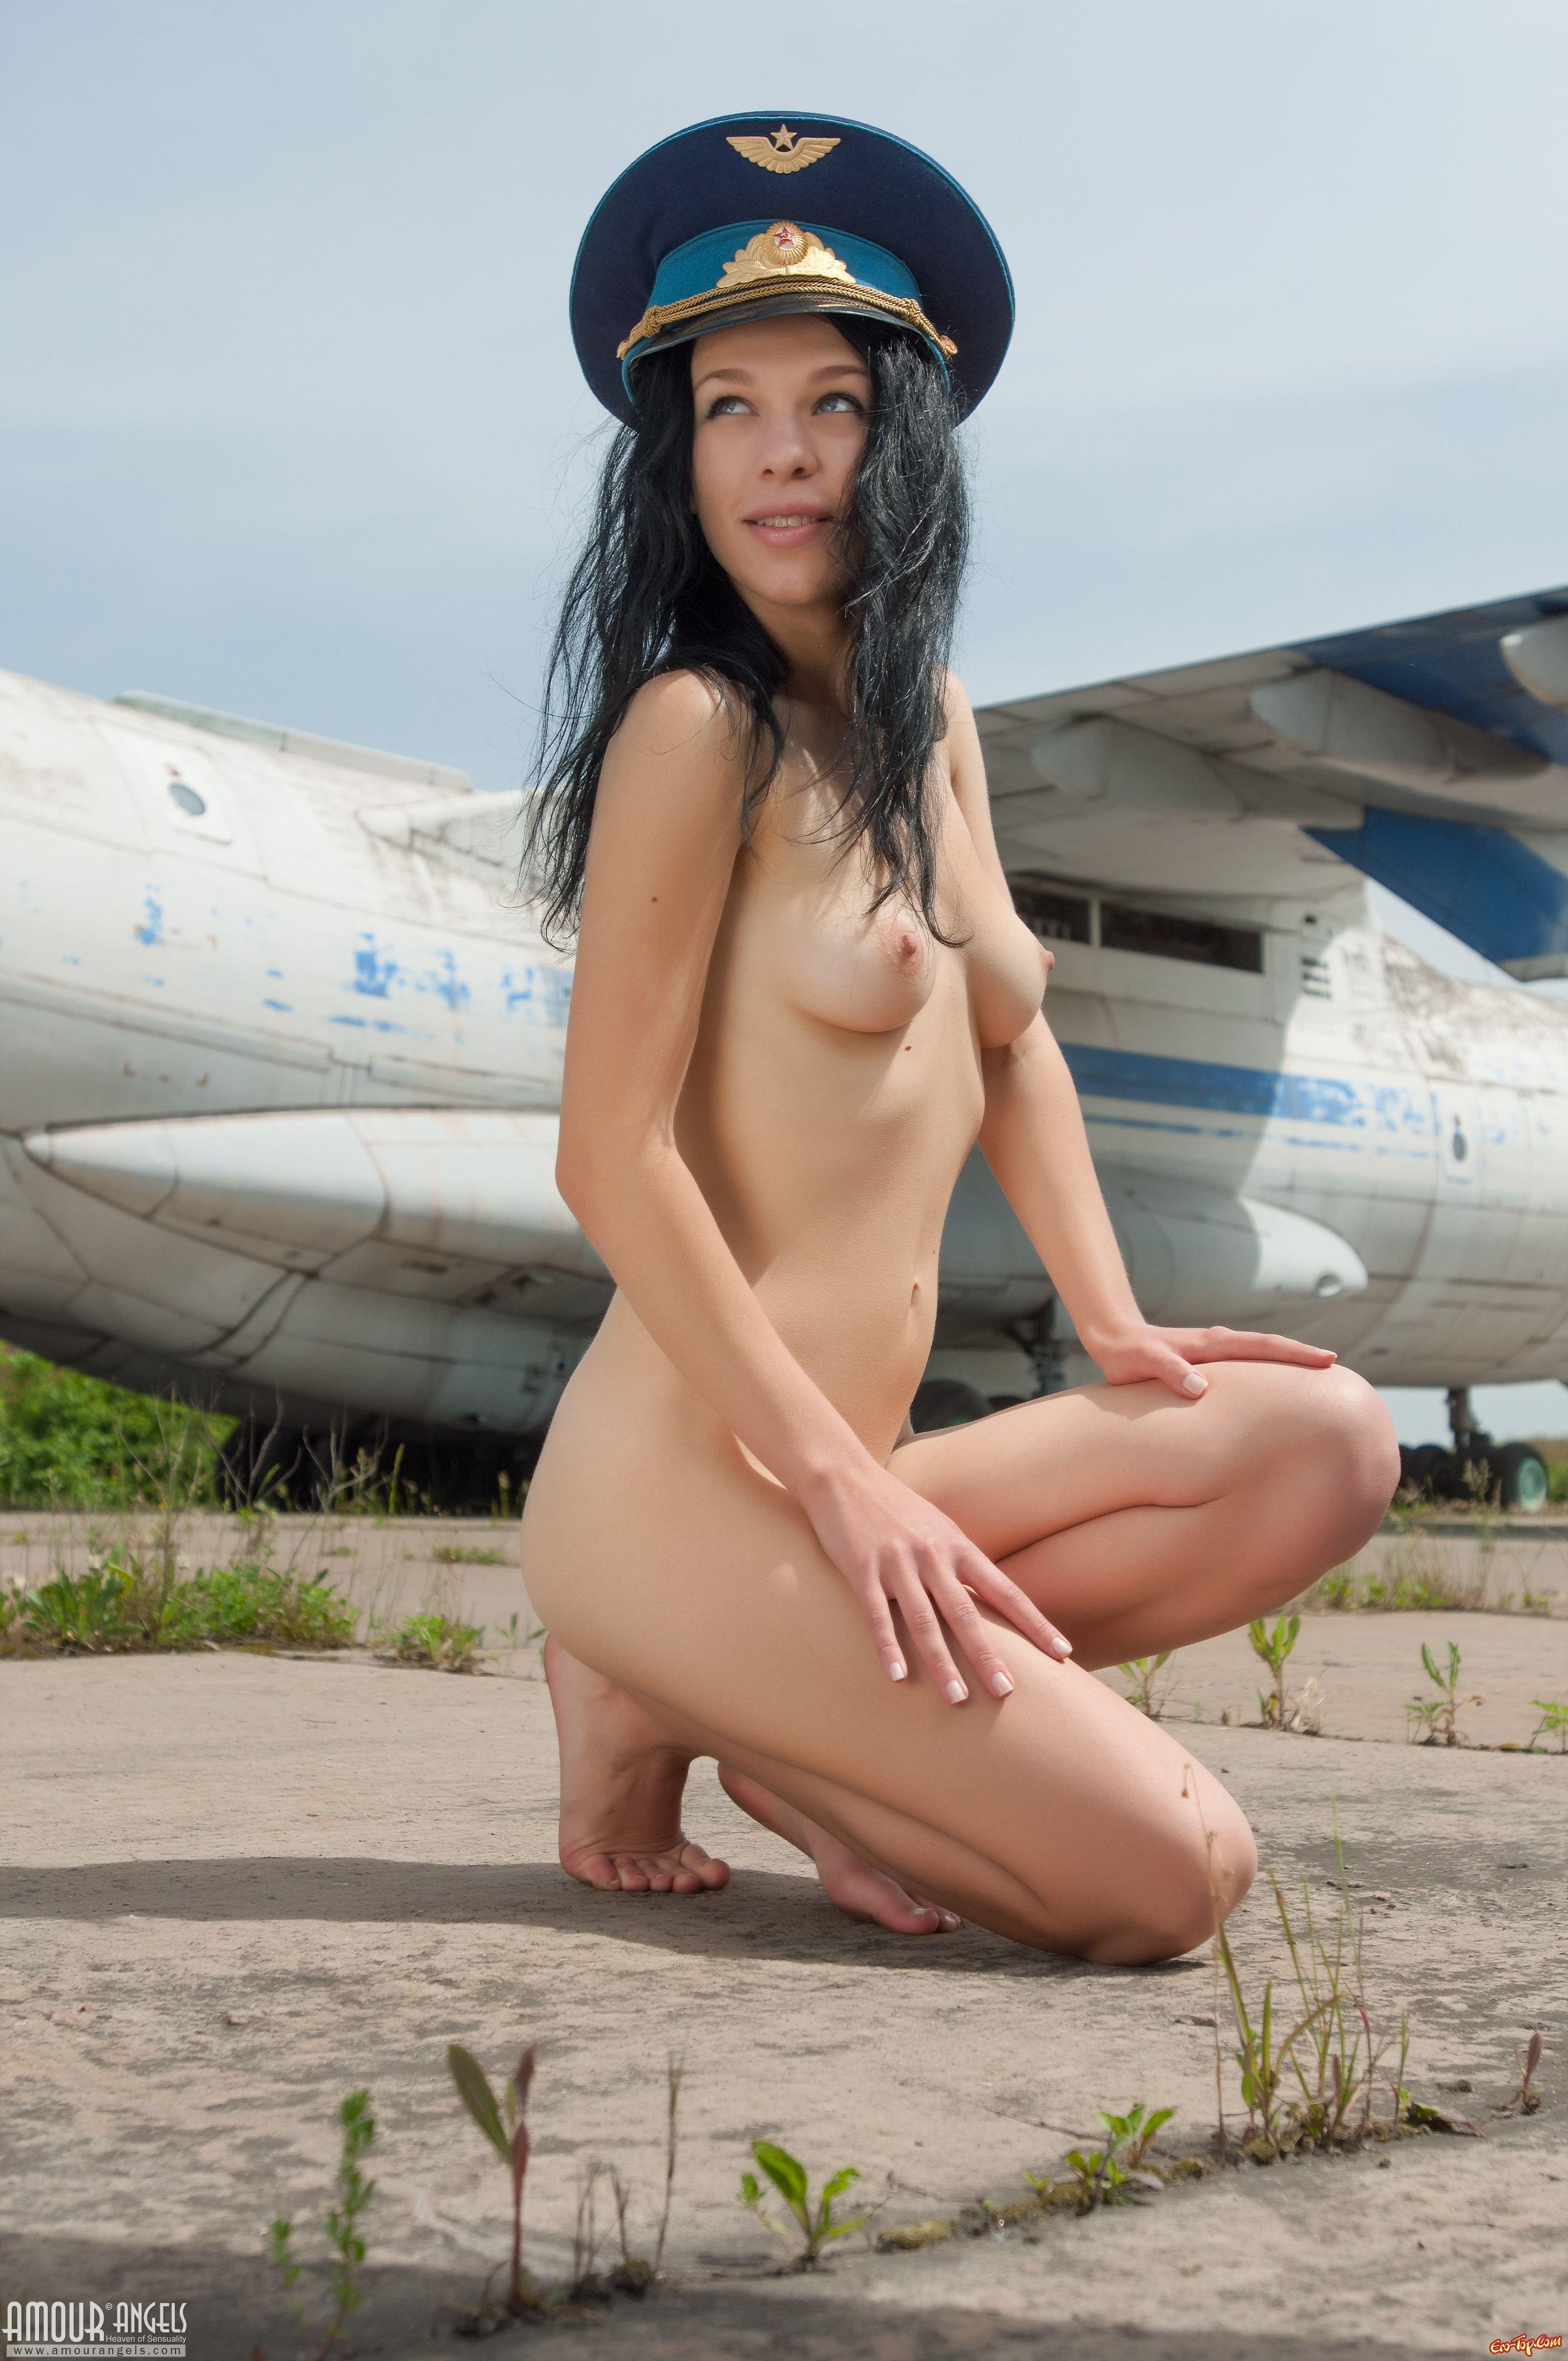 Голая стюардесса у самолёта